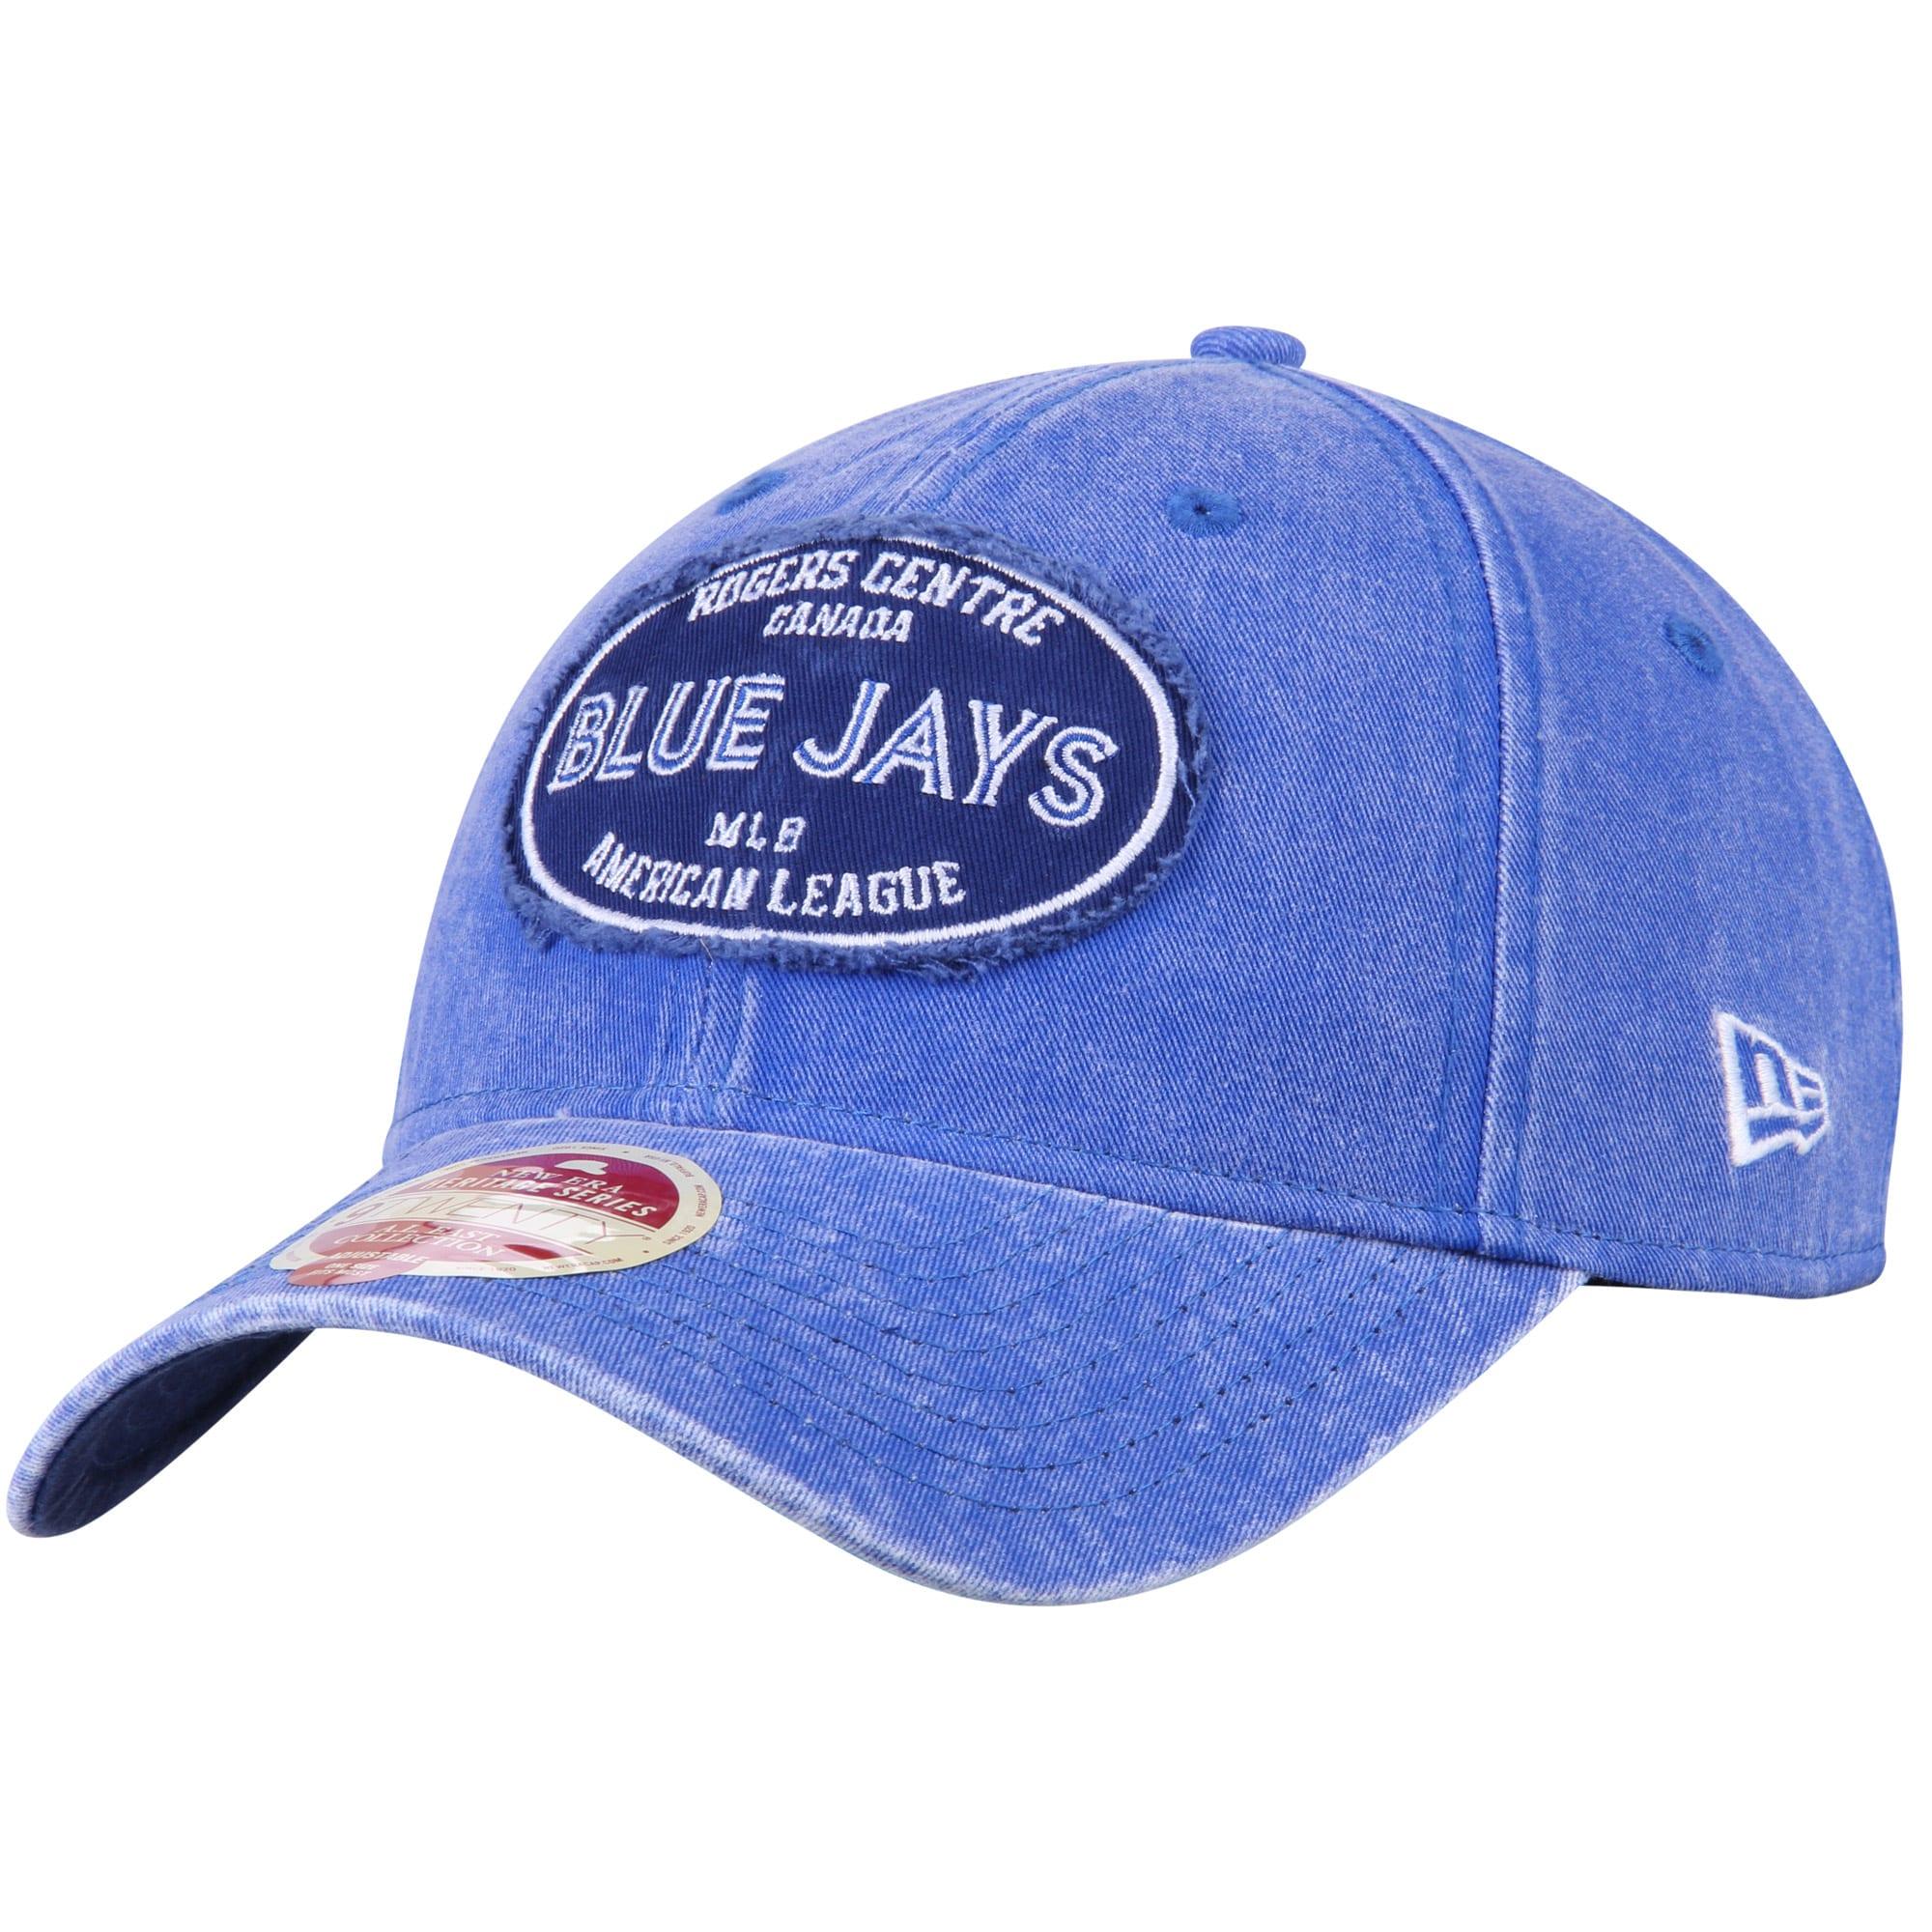 Toronto Blue Jays New Era American League East Stadium 9TWENTY Adjustable Hat - Heathered Royal